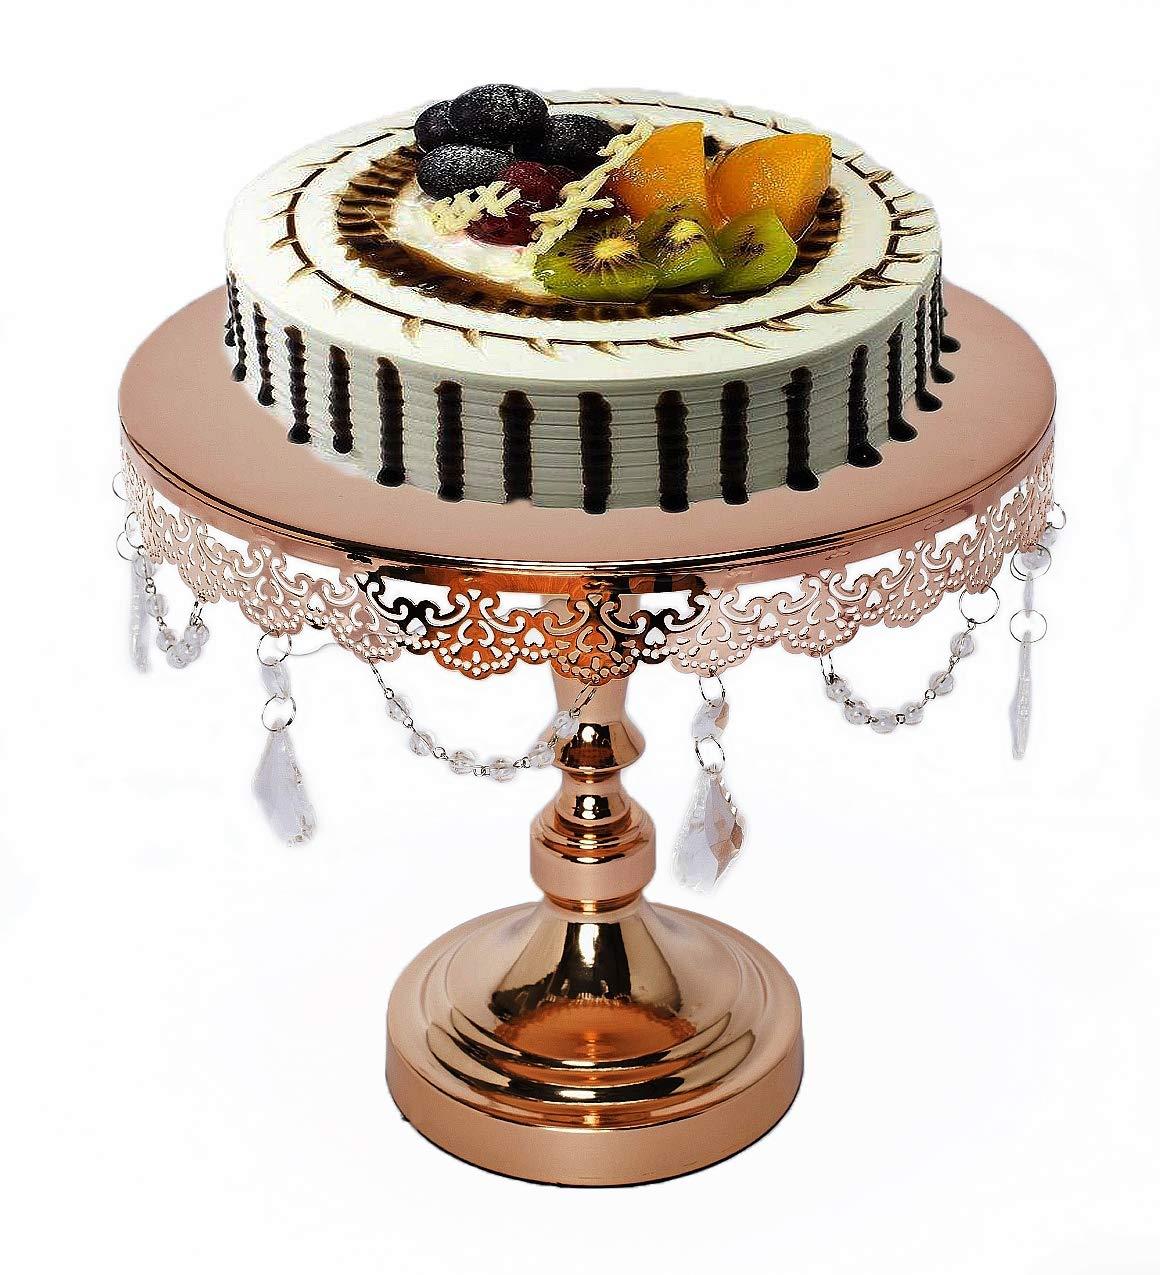 アンティークメタルラウンドゴールドケーキスタンド/カップケーキスタンド クリスタルとビーズ付き - 結婚式 誕生日 パーティー 記念日 キンセアニェーラ - デザートカップケーキフルーツペデスタル/ディスプレイ/プレート - 12インチ   B07MP84CDC